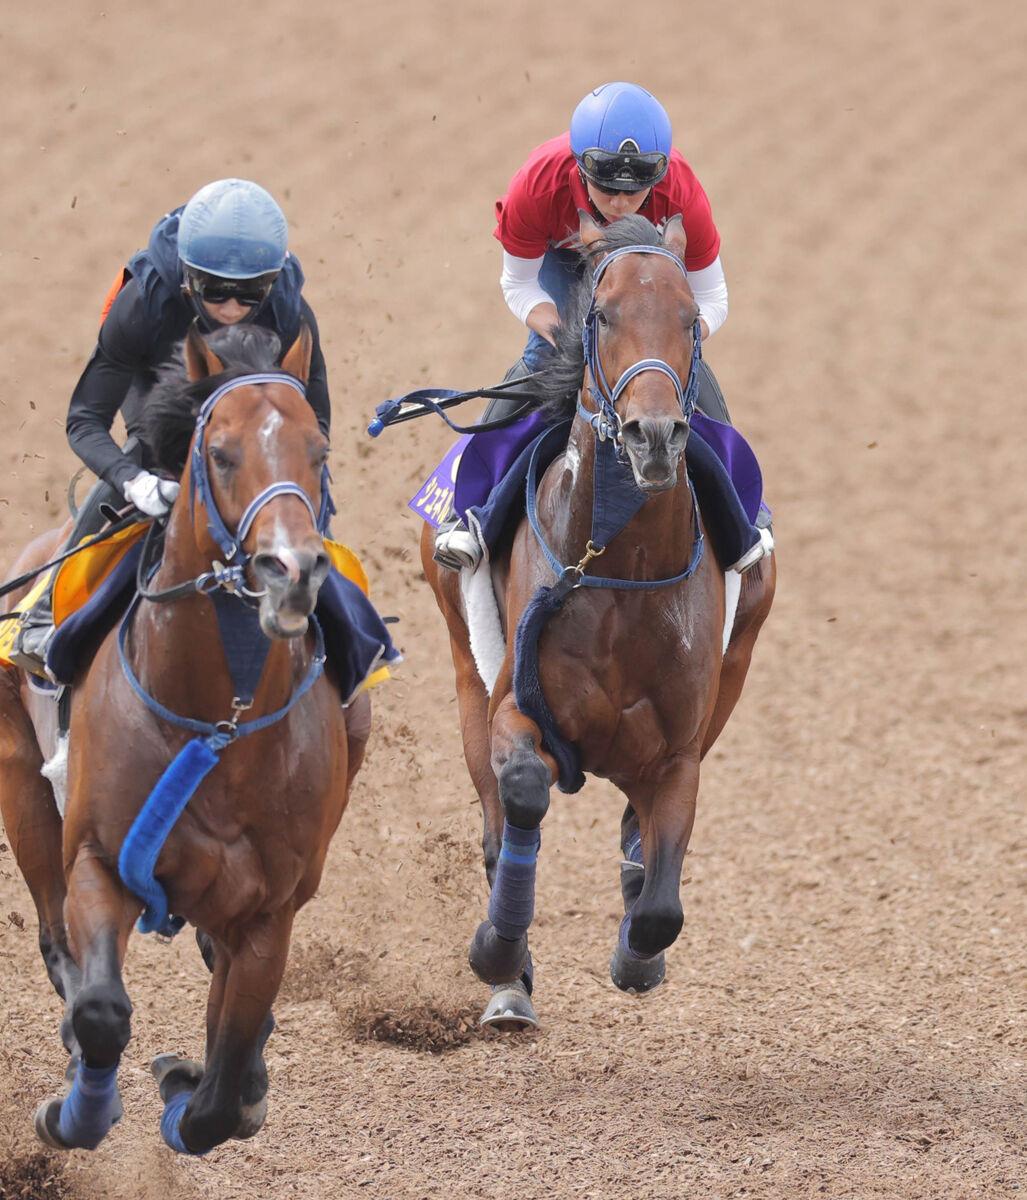 每日賽馬晚報(2021年6月2日),Tsaritsa成首匹確定交通意外離世馬匹,速度大師週由橫山武史策騎